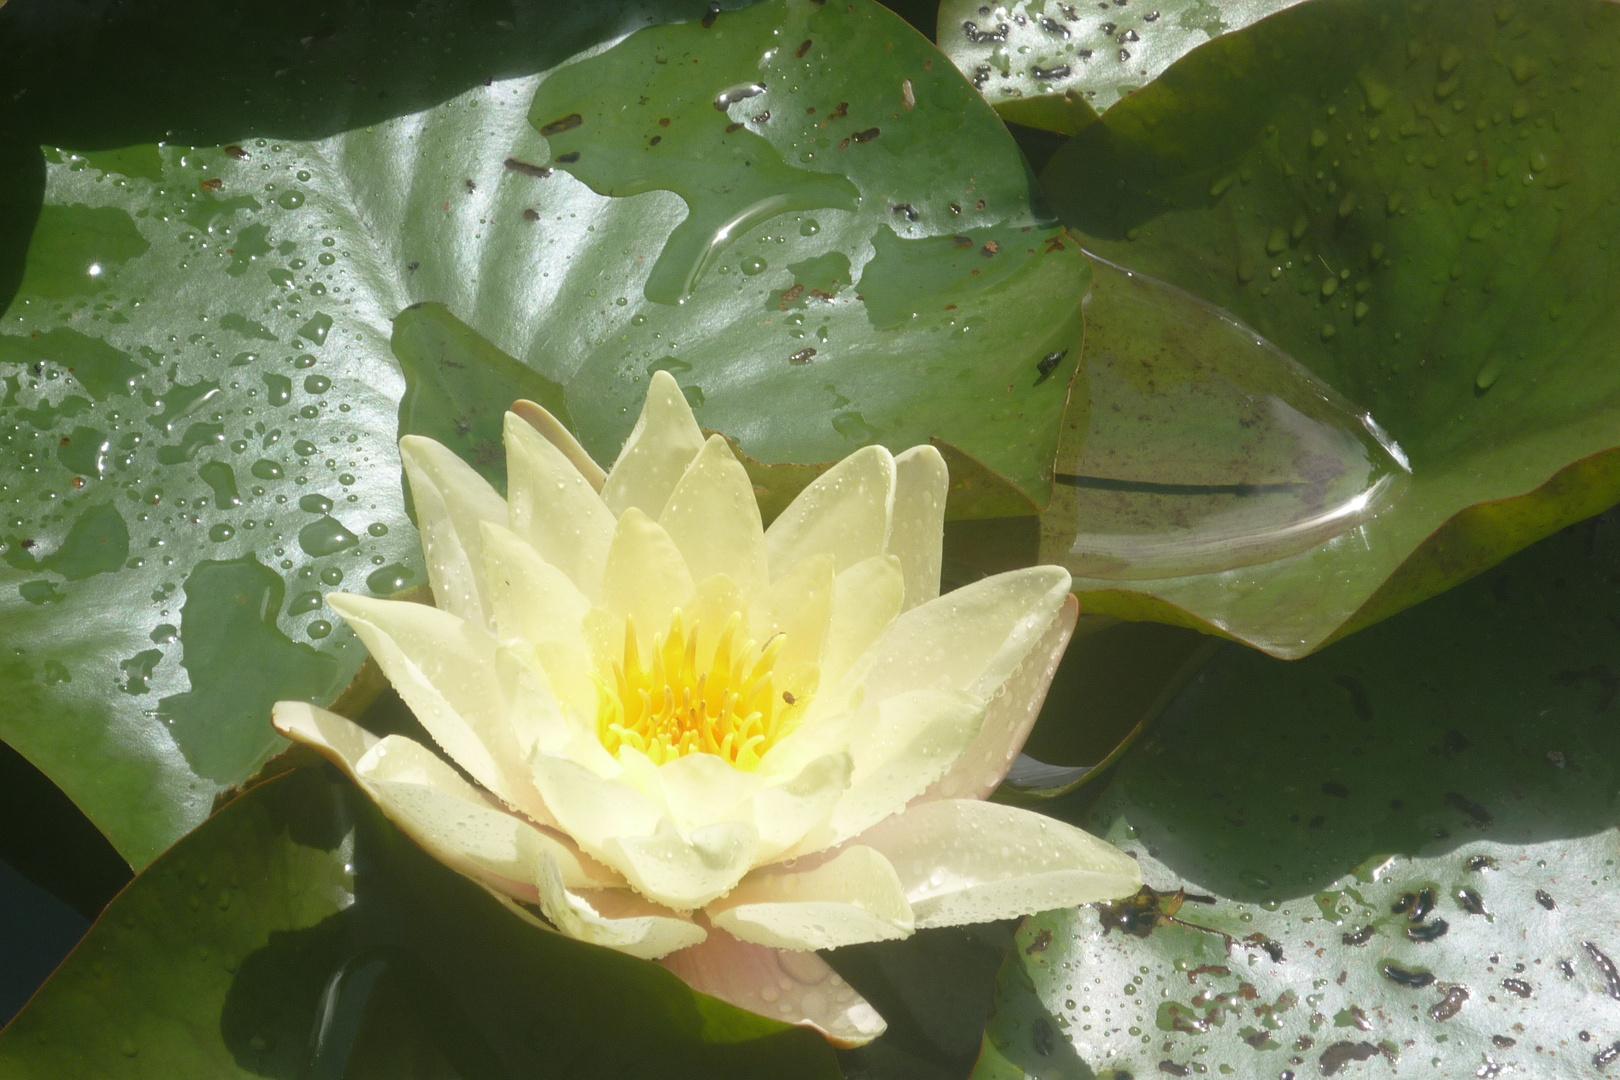 .Ringsherum der Blüten bunter Pracht...